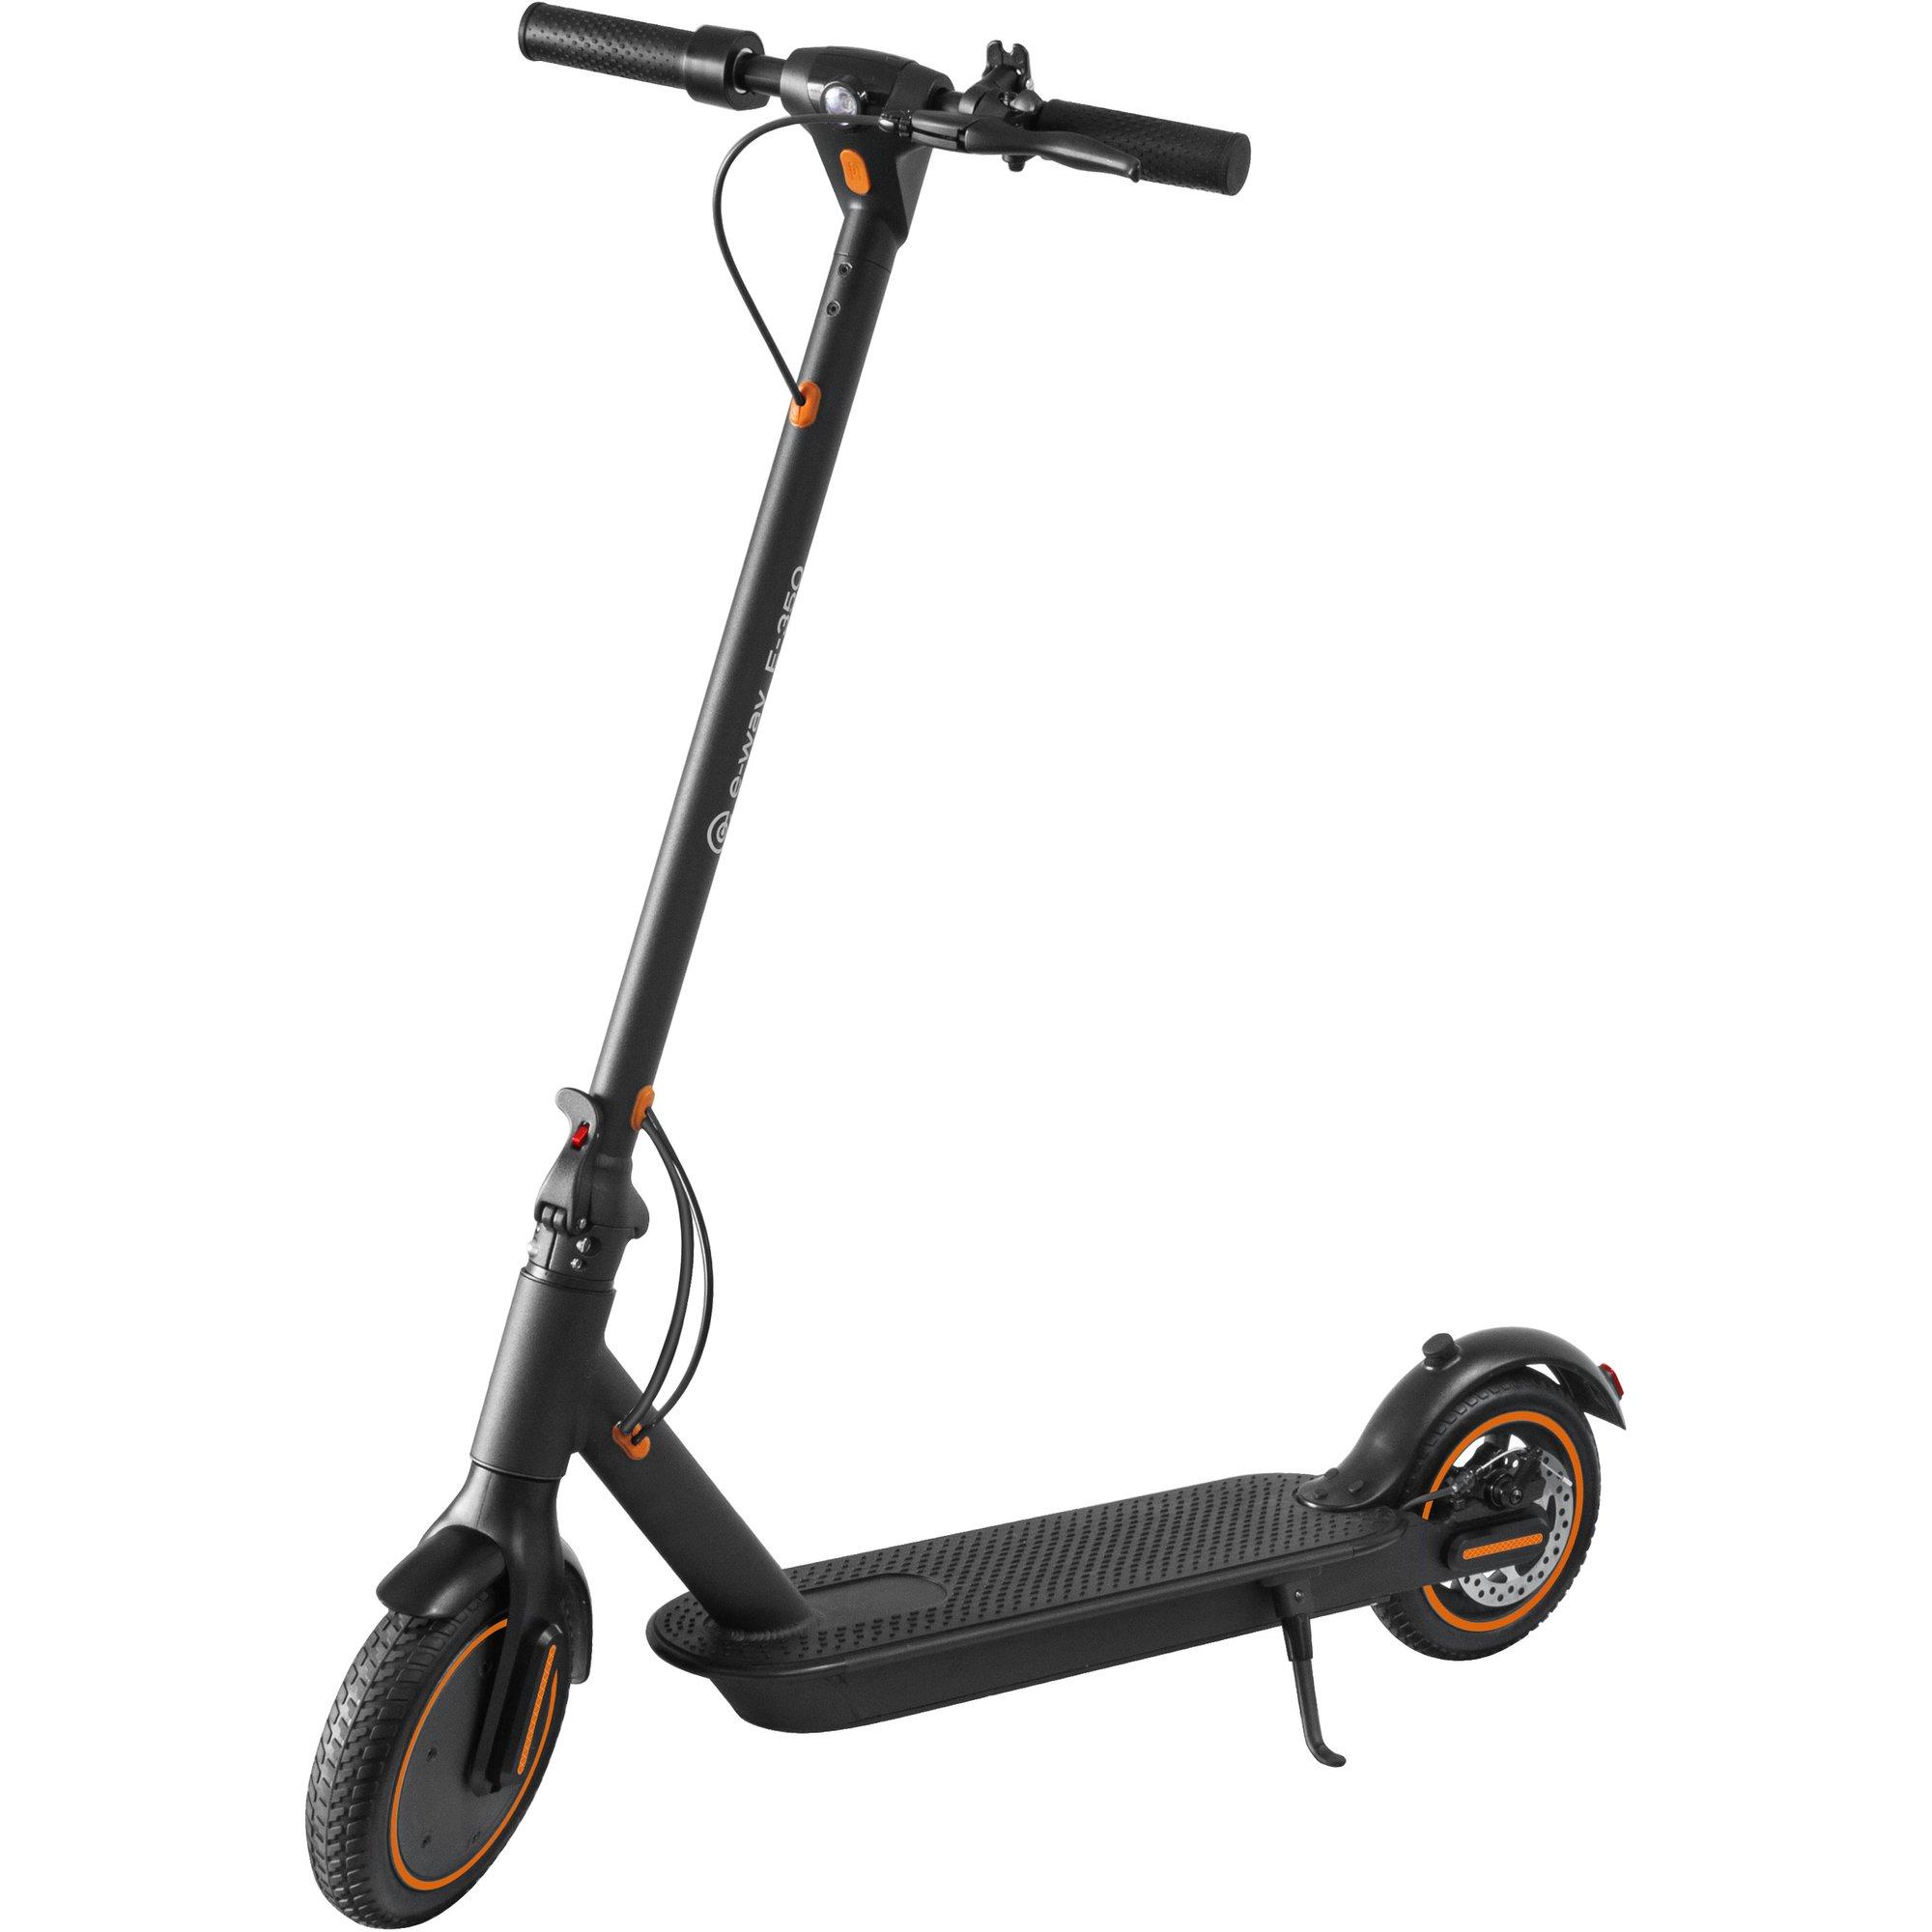 E-Way 350 elscooter